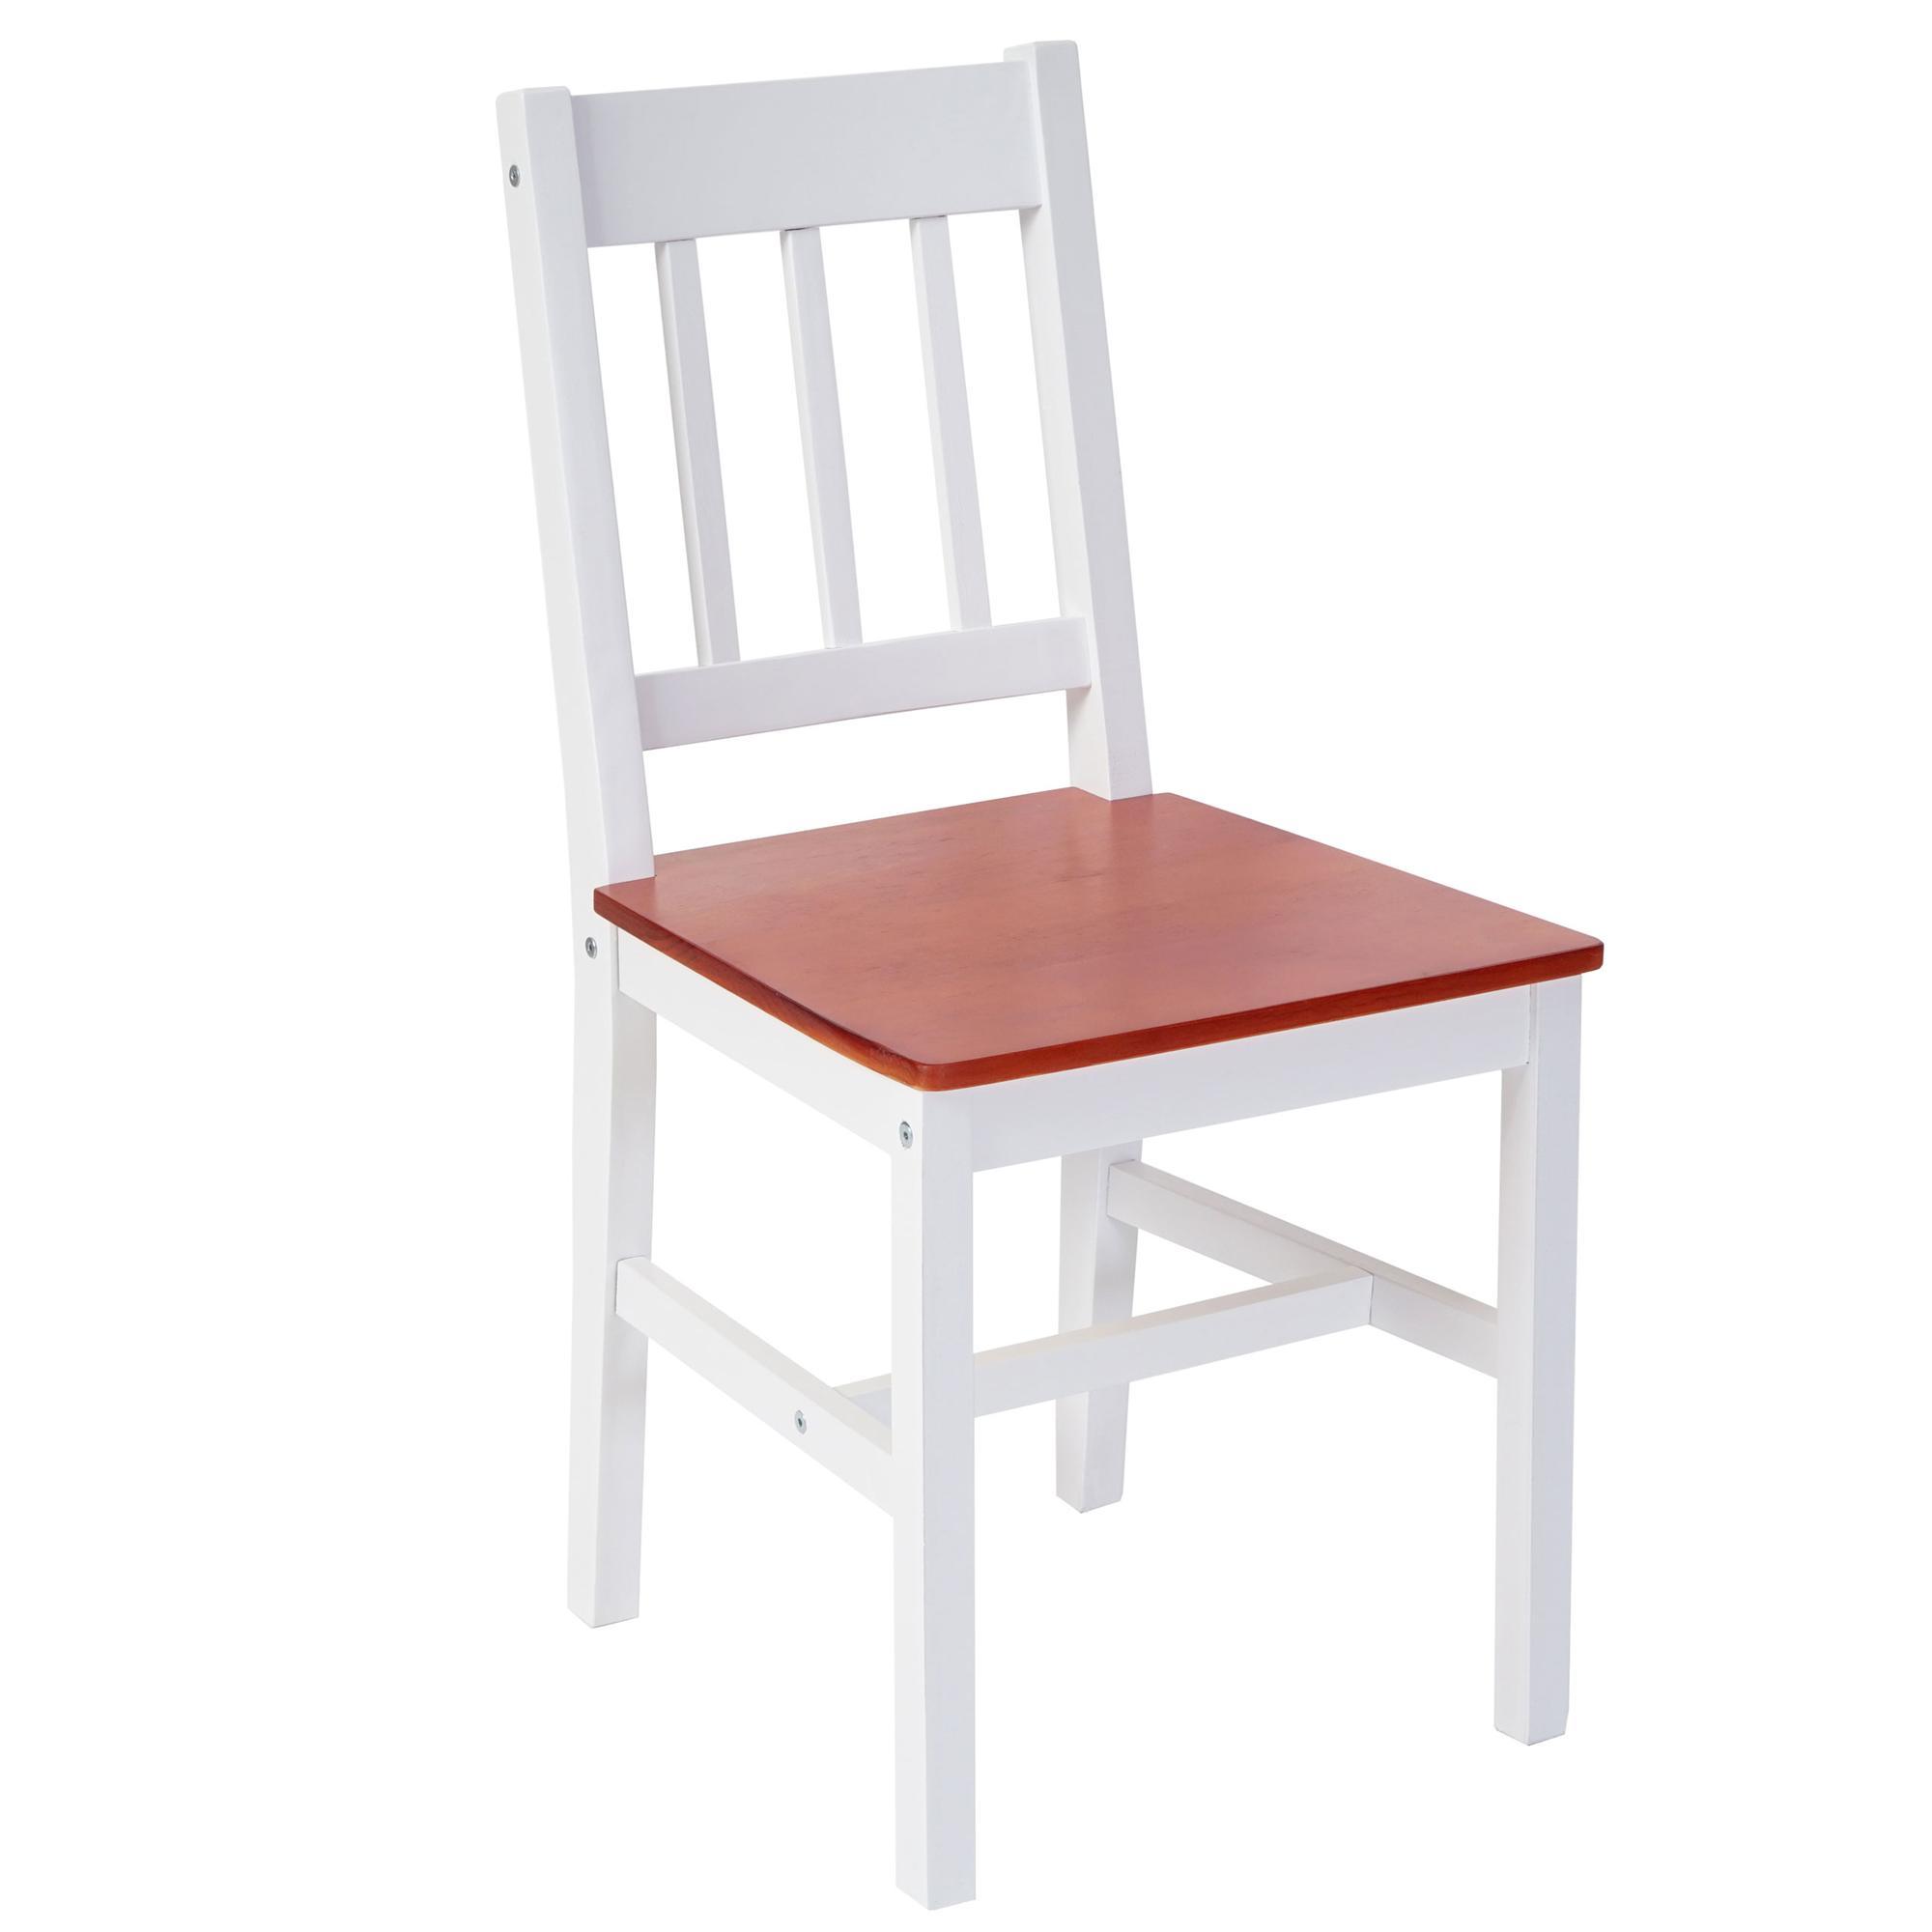 Lote 6 sillas de cocina o comedor nerja en blanco y marr n - Sillas cocina madera ...